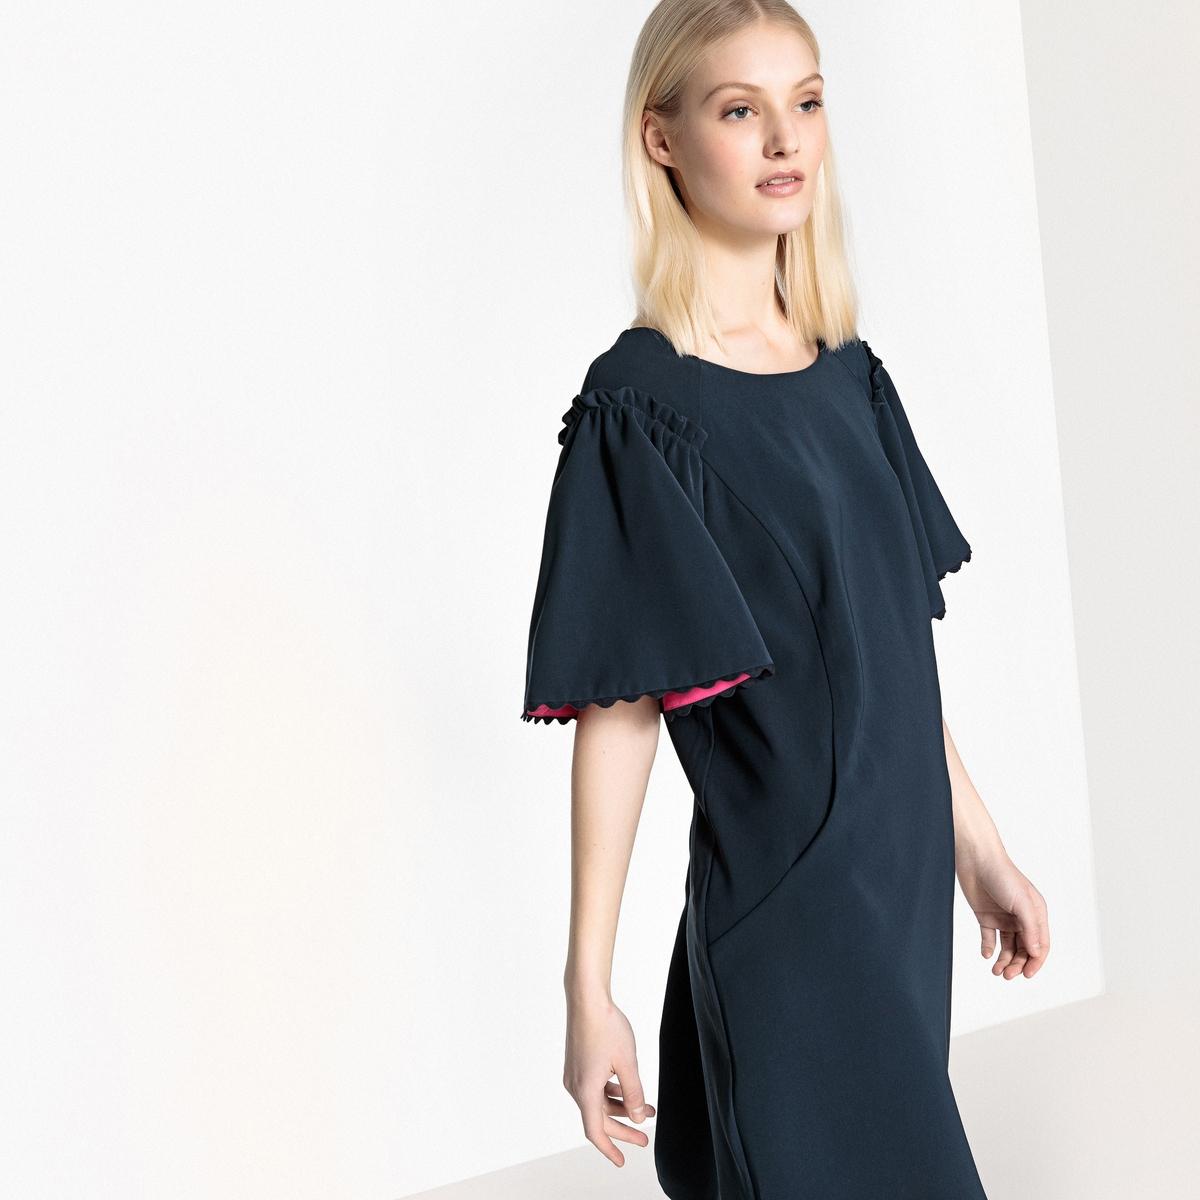 Платье La Redoute Короткое прямое однотонное с короткими рукавами 50 (FR) - 56 (RUS) синий платье la redoute короткое прямое с короткими рукавами 42 fr 48 rus черный